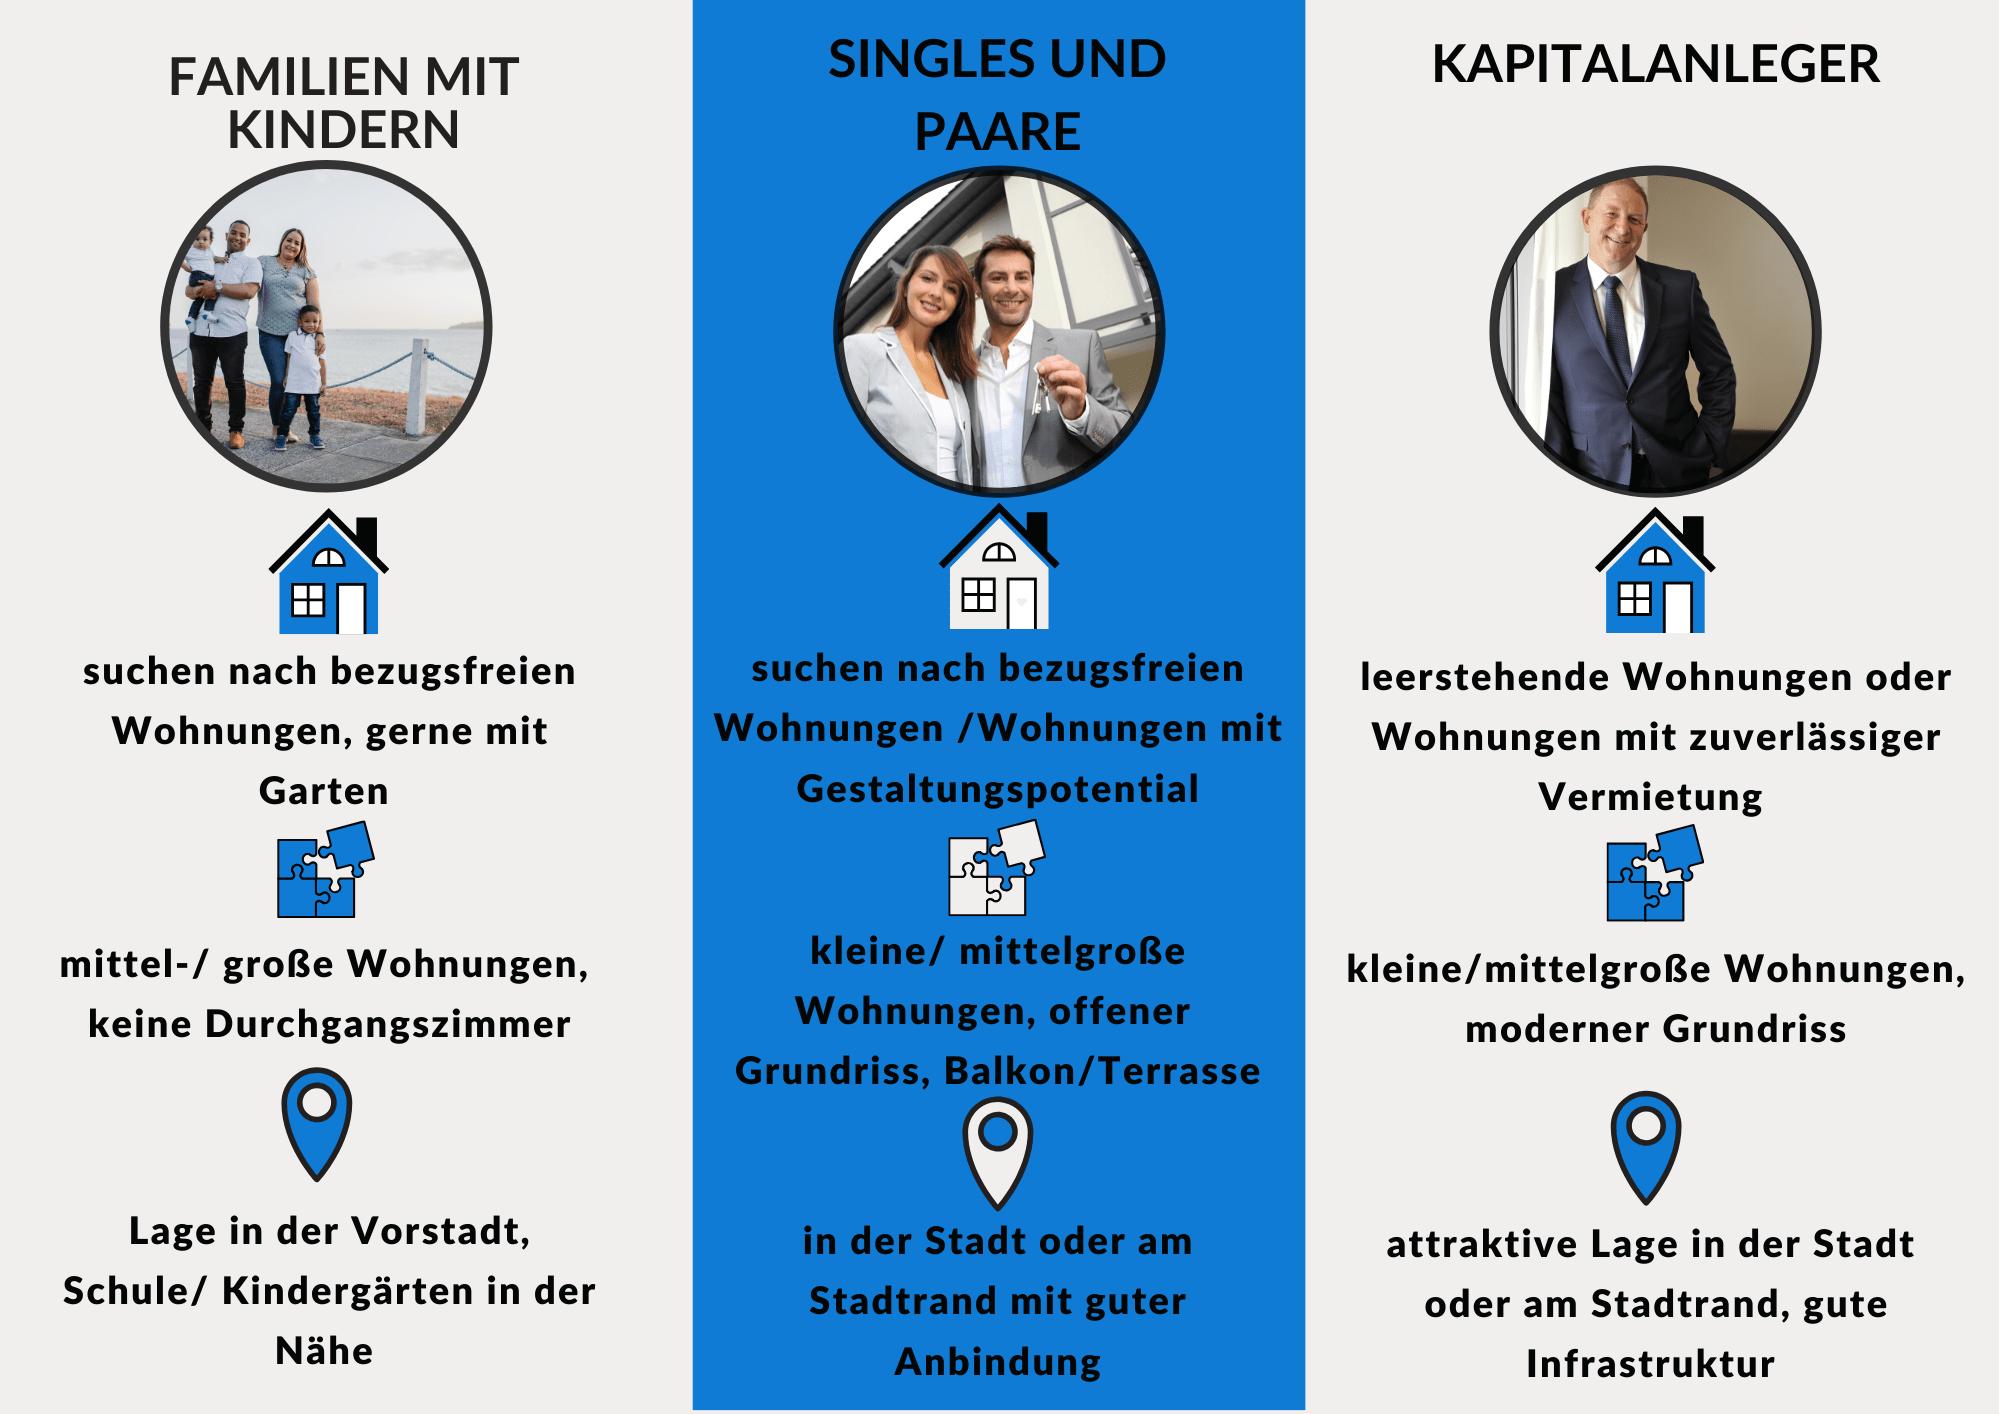 Die Zielgruppen beim Wohnungsverkauf